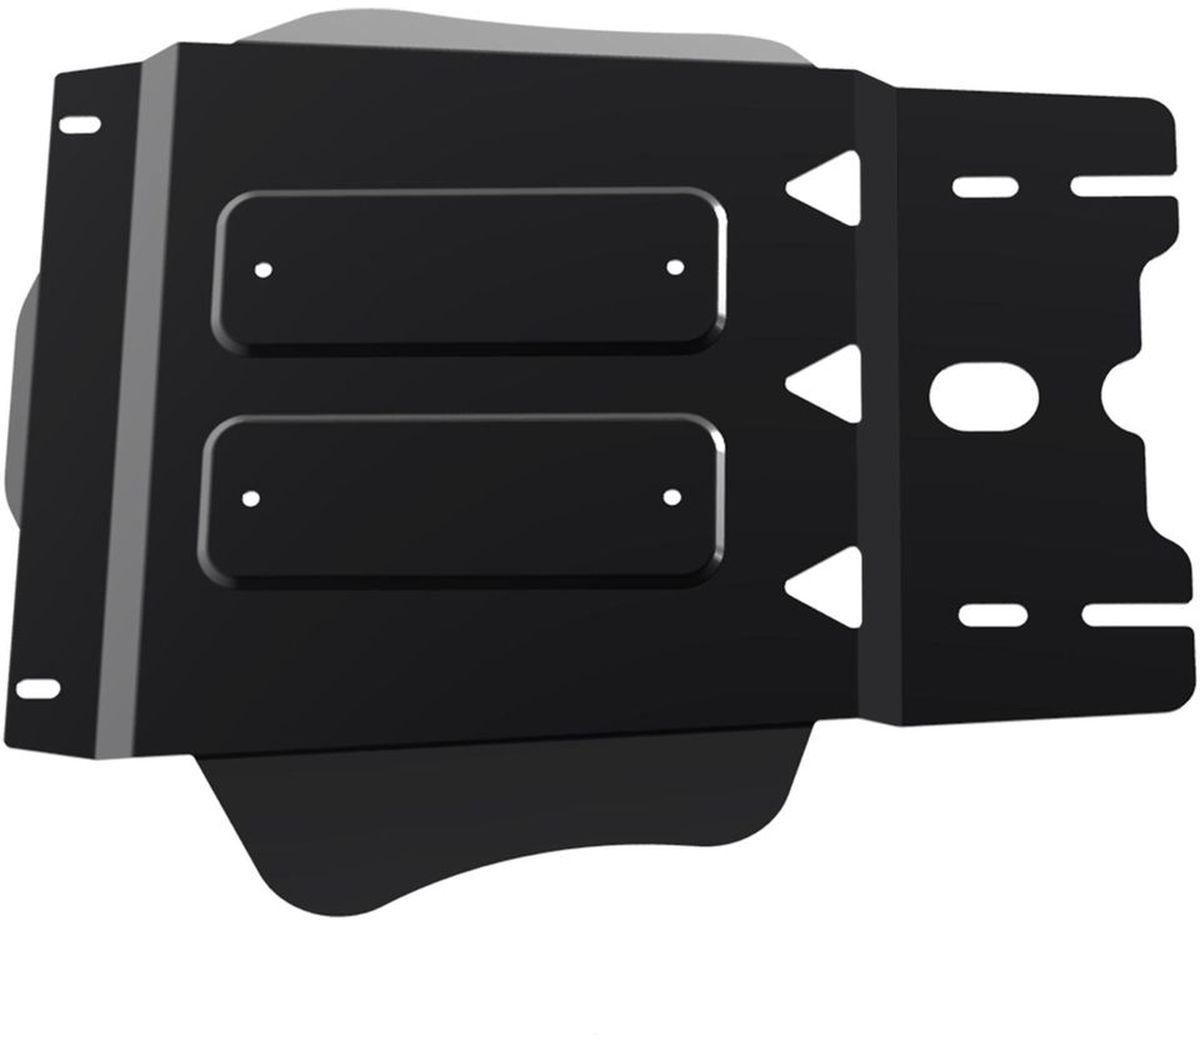 Защита КПП Автоброня Nissan NP 300 2008-2015, сталь 2 мм защита для рав 4 2008 екатеринбург